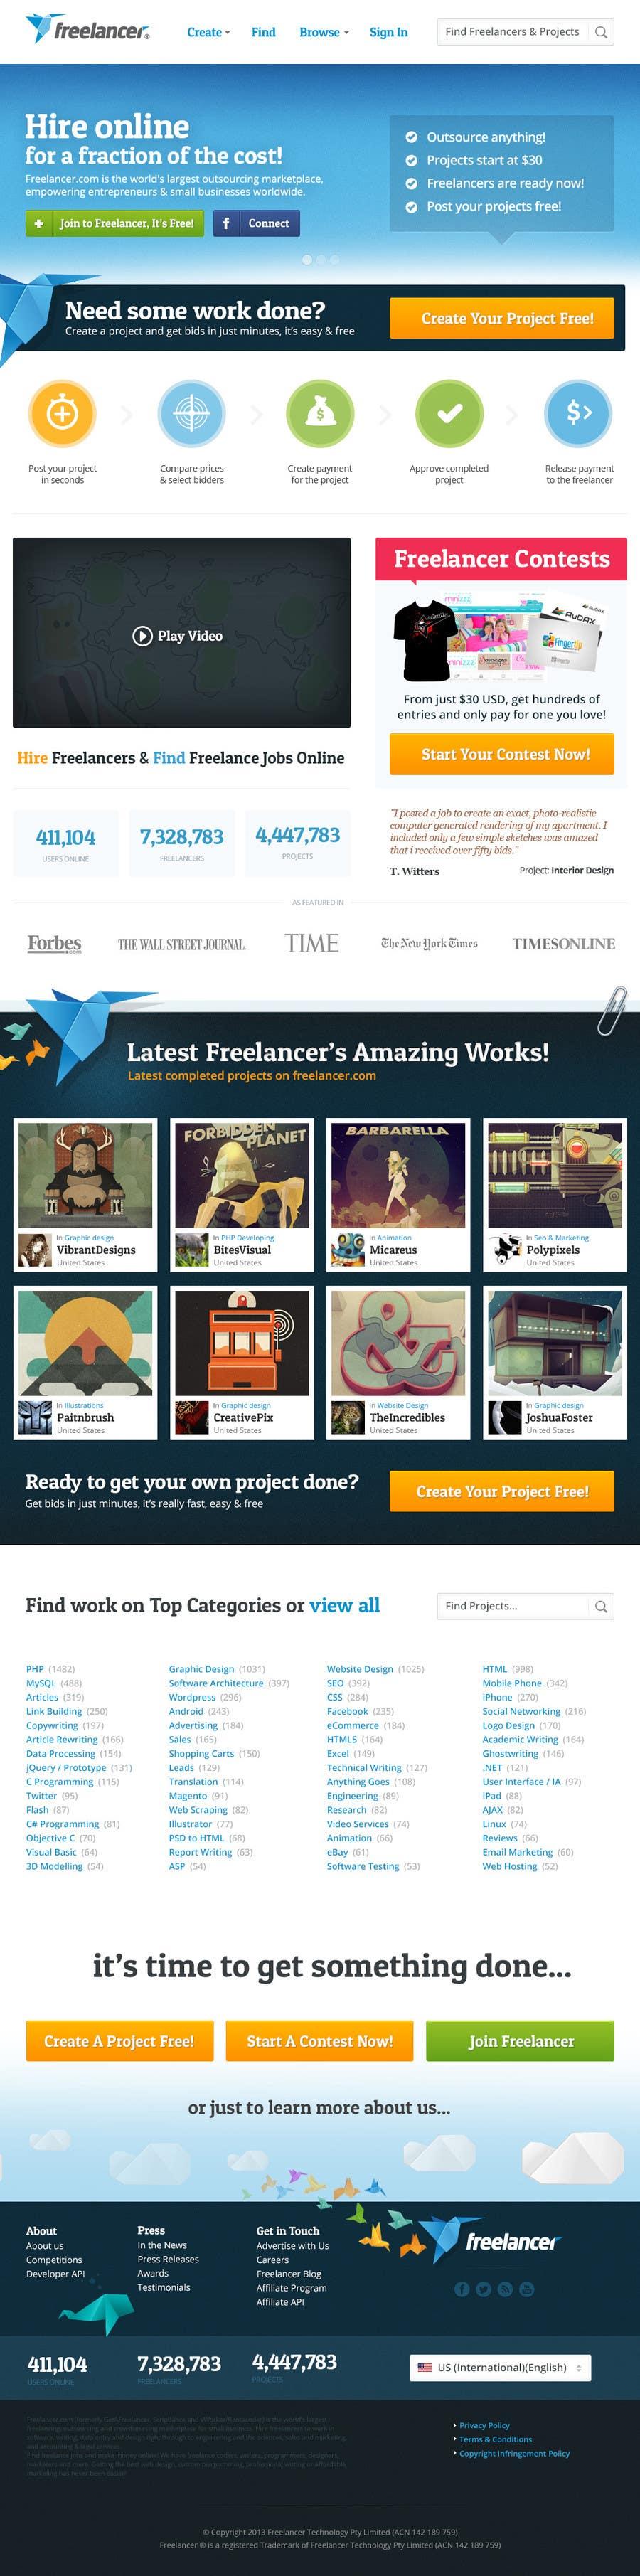 Website Design Contest Entry #253 for Freelancer.com contest! Design our Homepage!